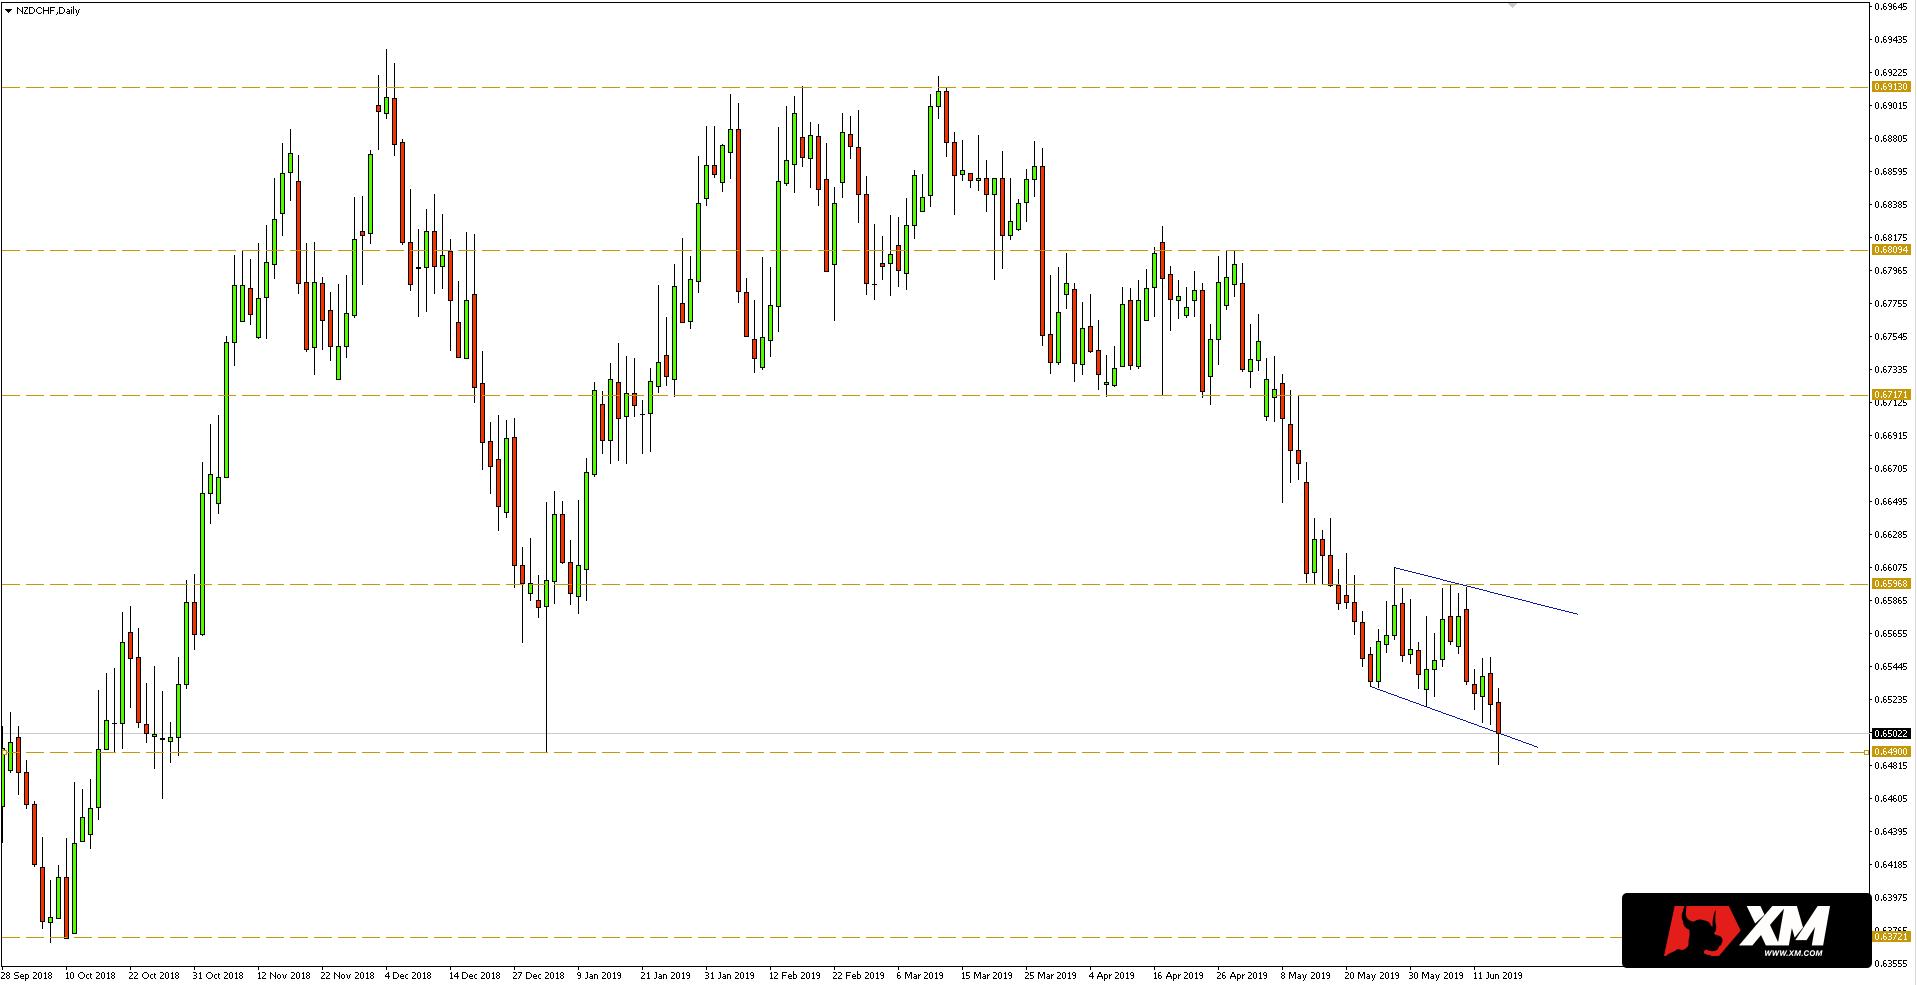 Kurs dolara nowozelandzkiego do franka (NZD/CHF) - wykres dzienny - 14 czerwca 2019